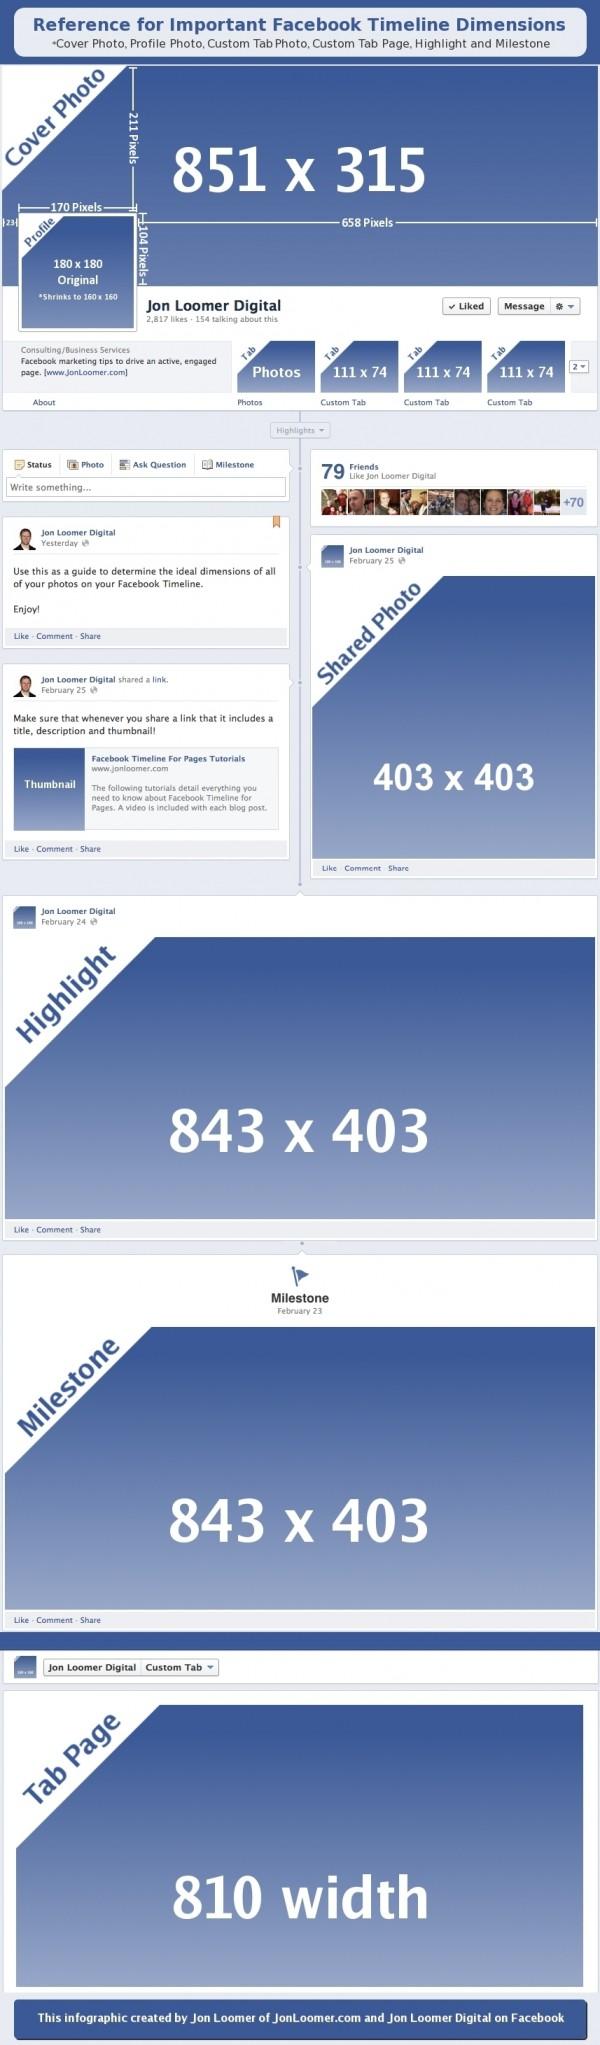 Les dimensions des images Facebook sur la Timeline